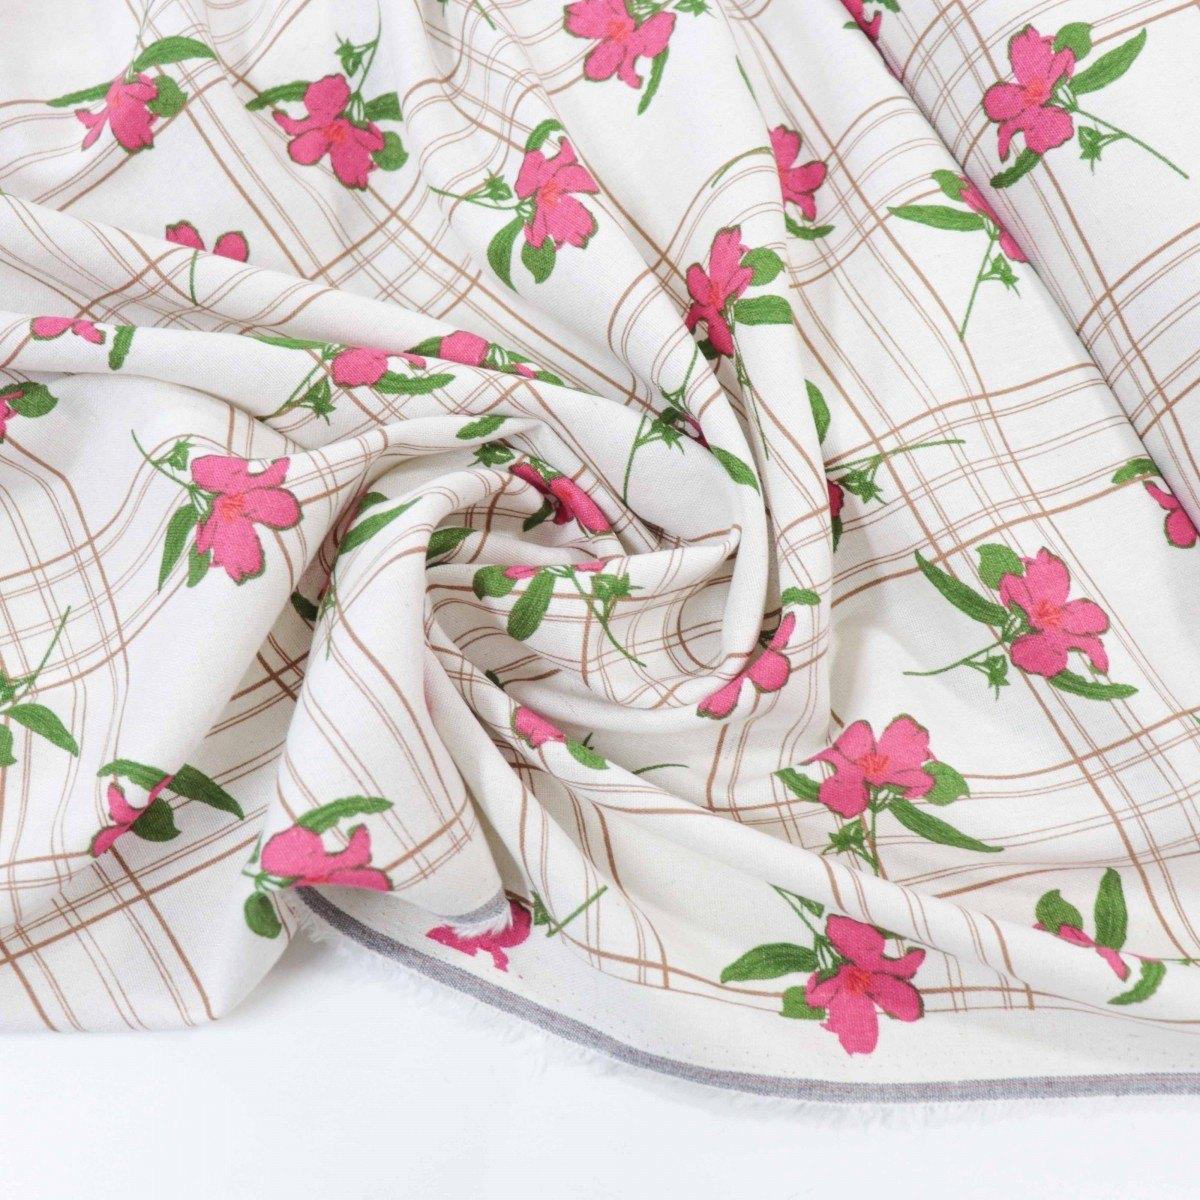 Tecido Linho Misto Floral e Xadrez Cru e Rosa